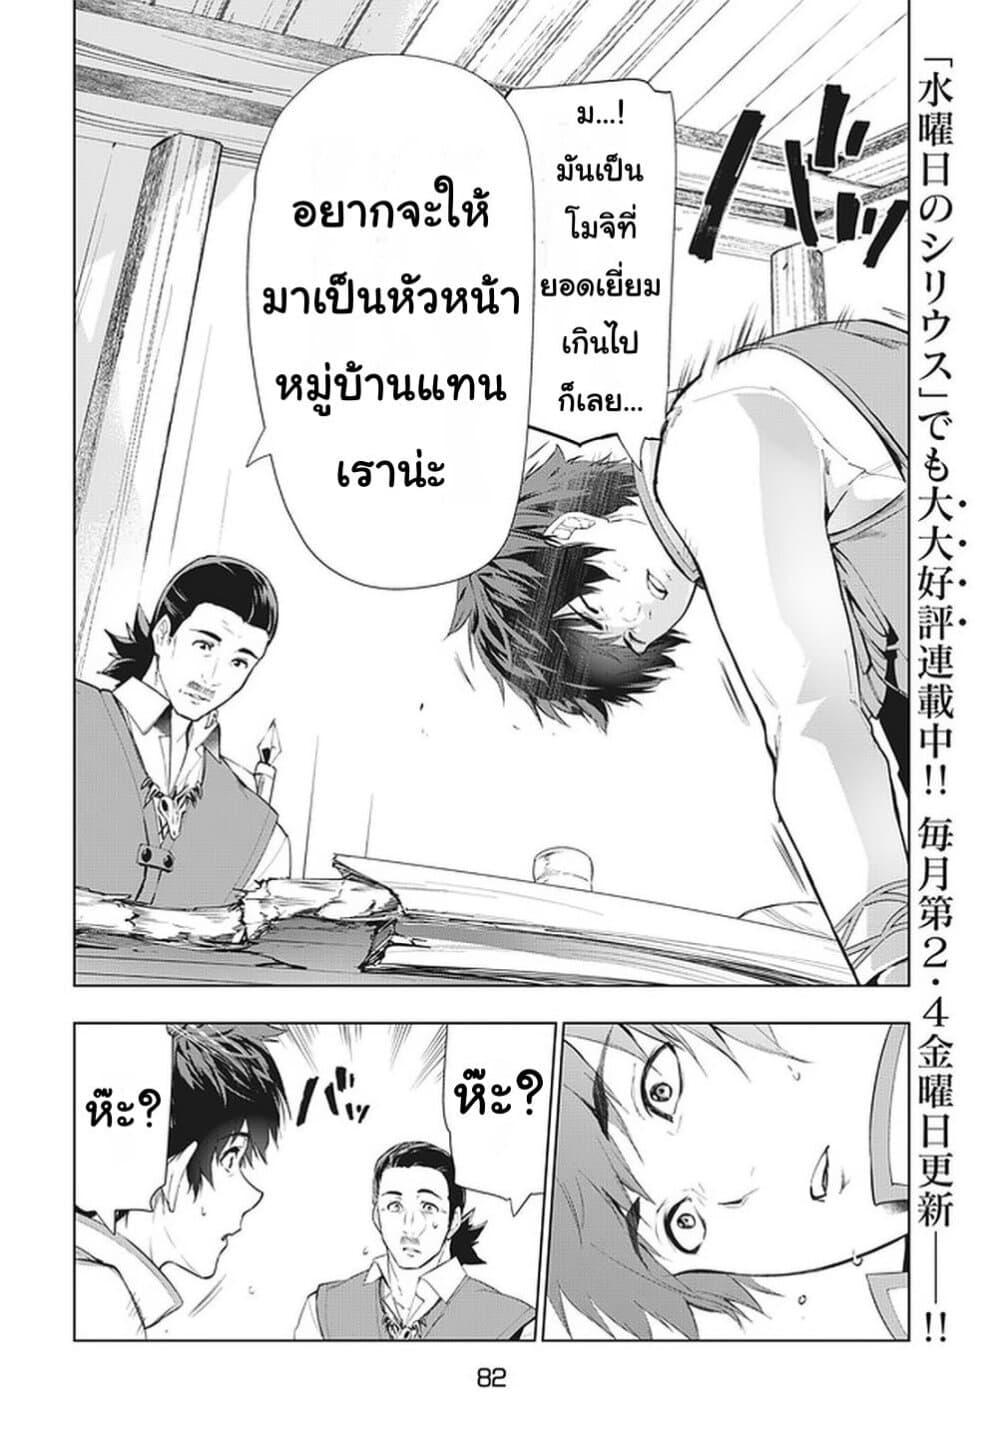 อ่านการ์ตูน Kaiko sareta Ankoku Heishi (30-dai) no Slow na Second ตอนที่ 13.1 หน้าที่ 8